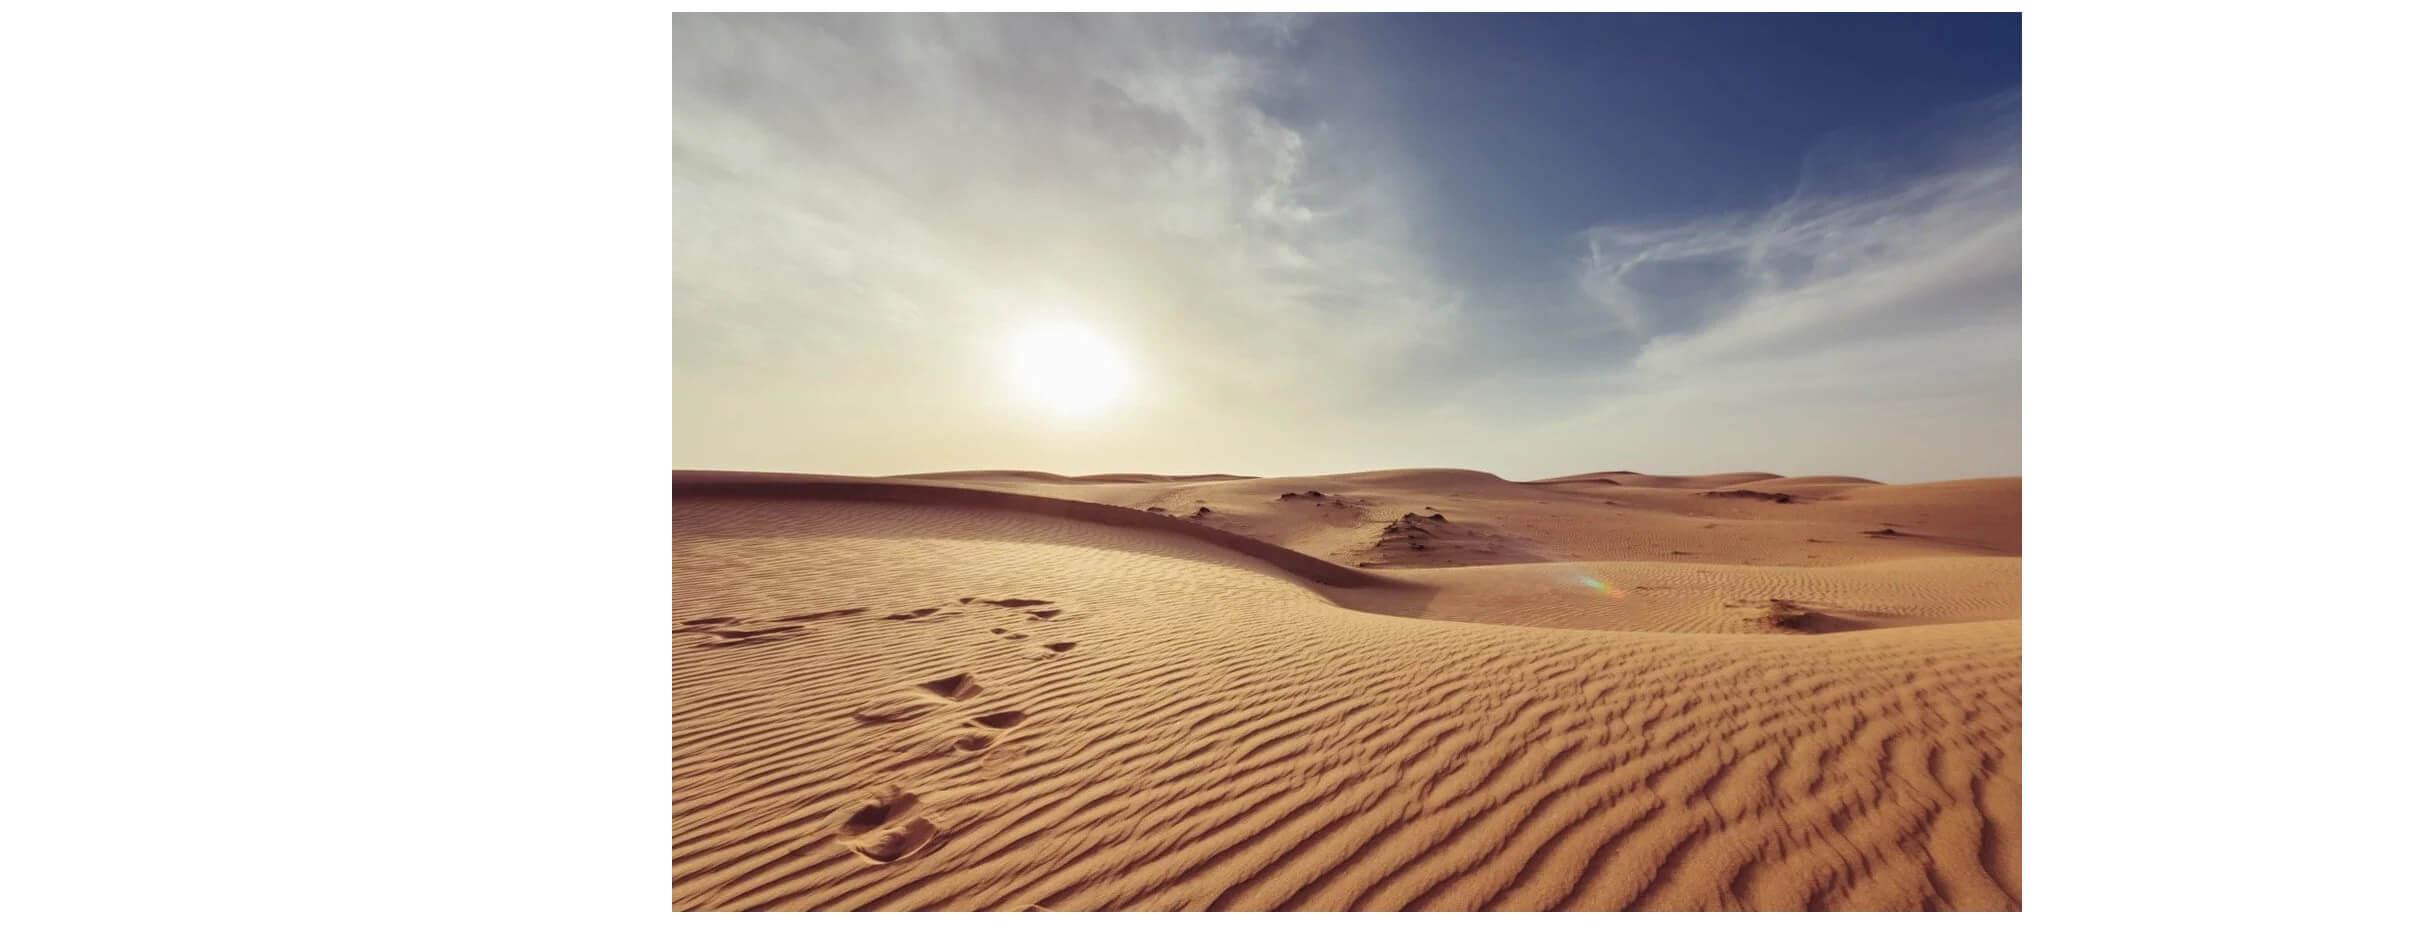 Imagem de um deserto em um da de Sol.